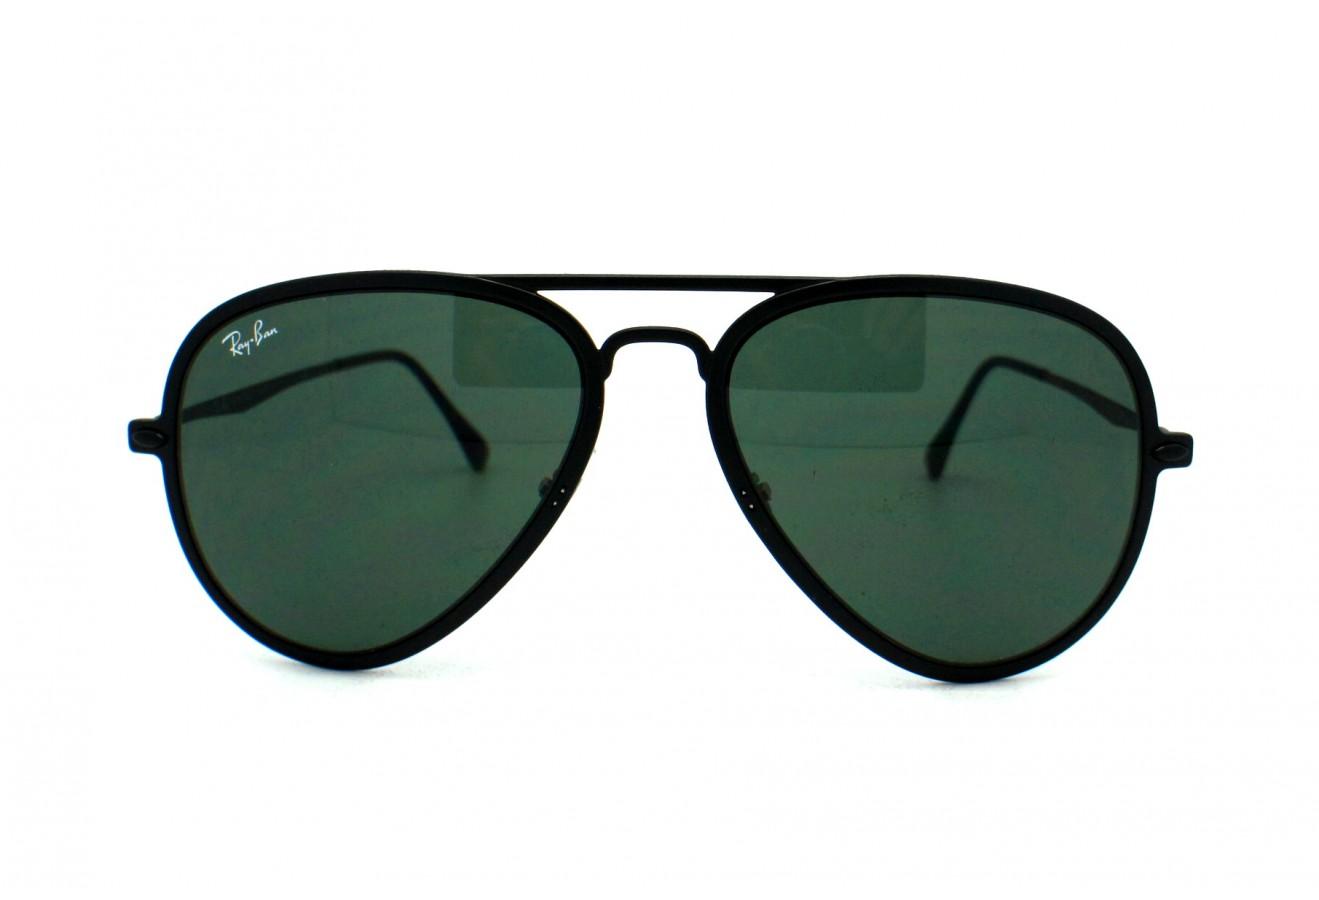 lunette ray ban aviator noir homme